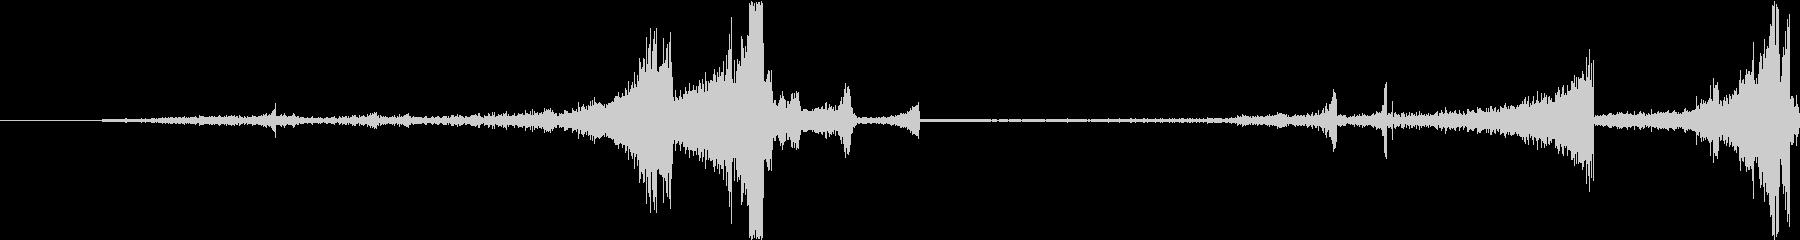 Zap 巻き戻し音・ザップ効果音 1の未再生の波形